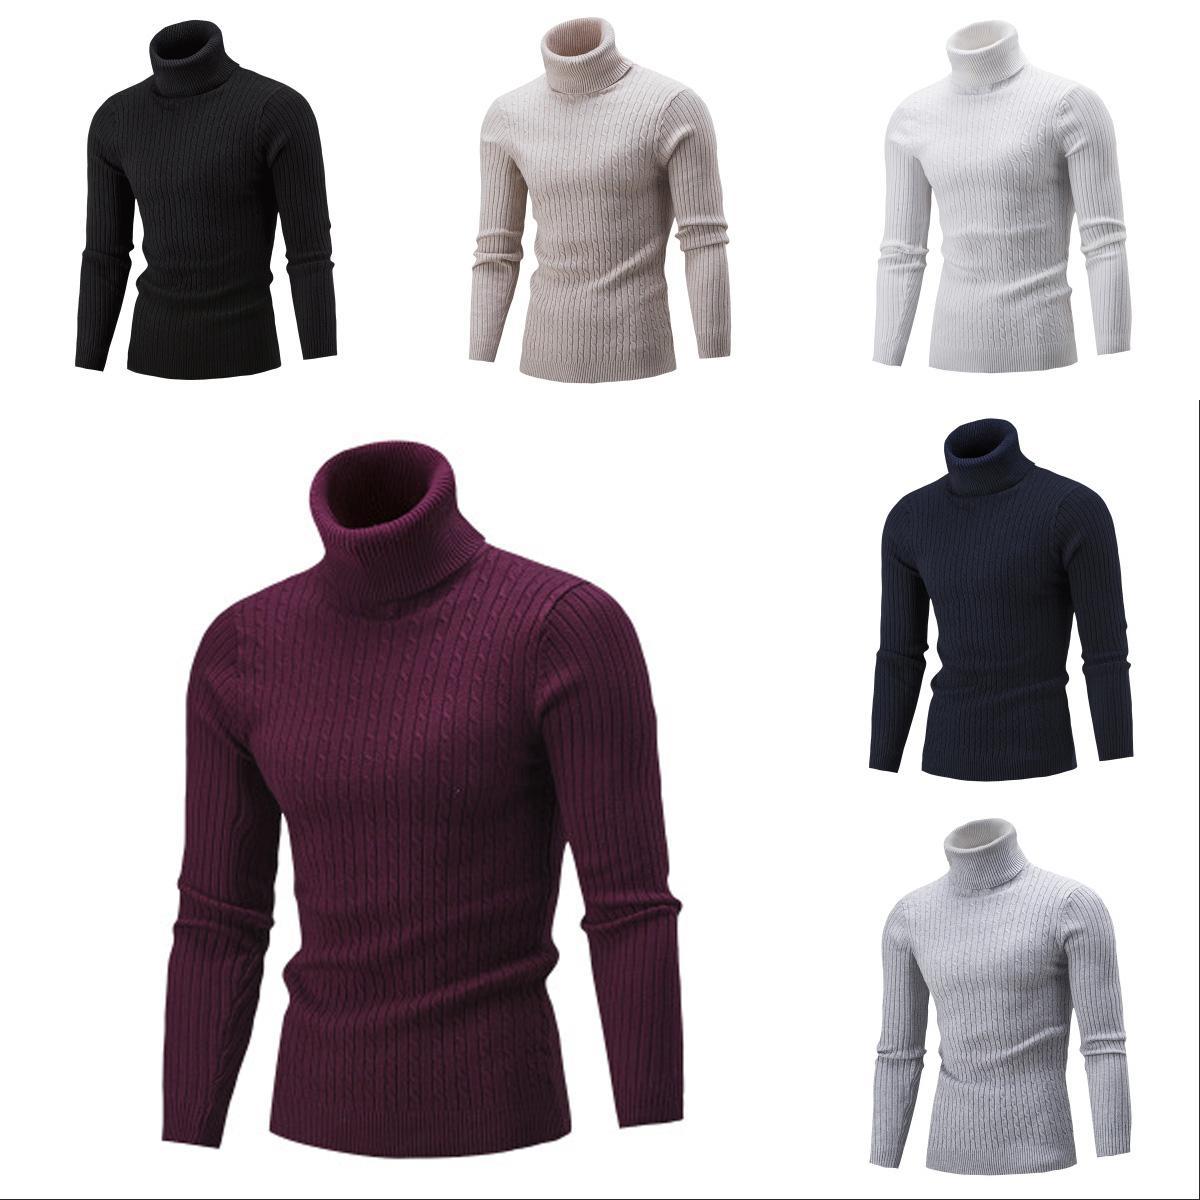 أزياء الرجال سترة الأولاد ذوي الياقات العالية الصلبة اللون الكبس عارضة الشباب قميص قمم الخريف الملابس الجديدة 2020 للبيع بالجملة